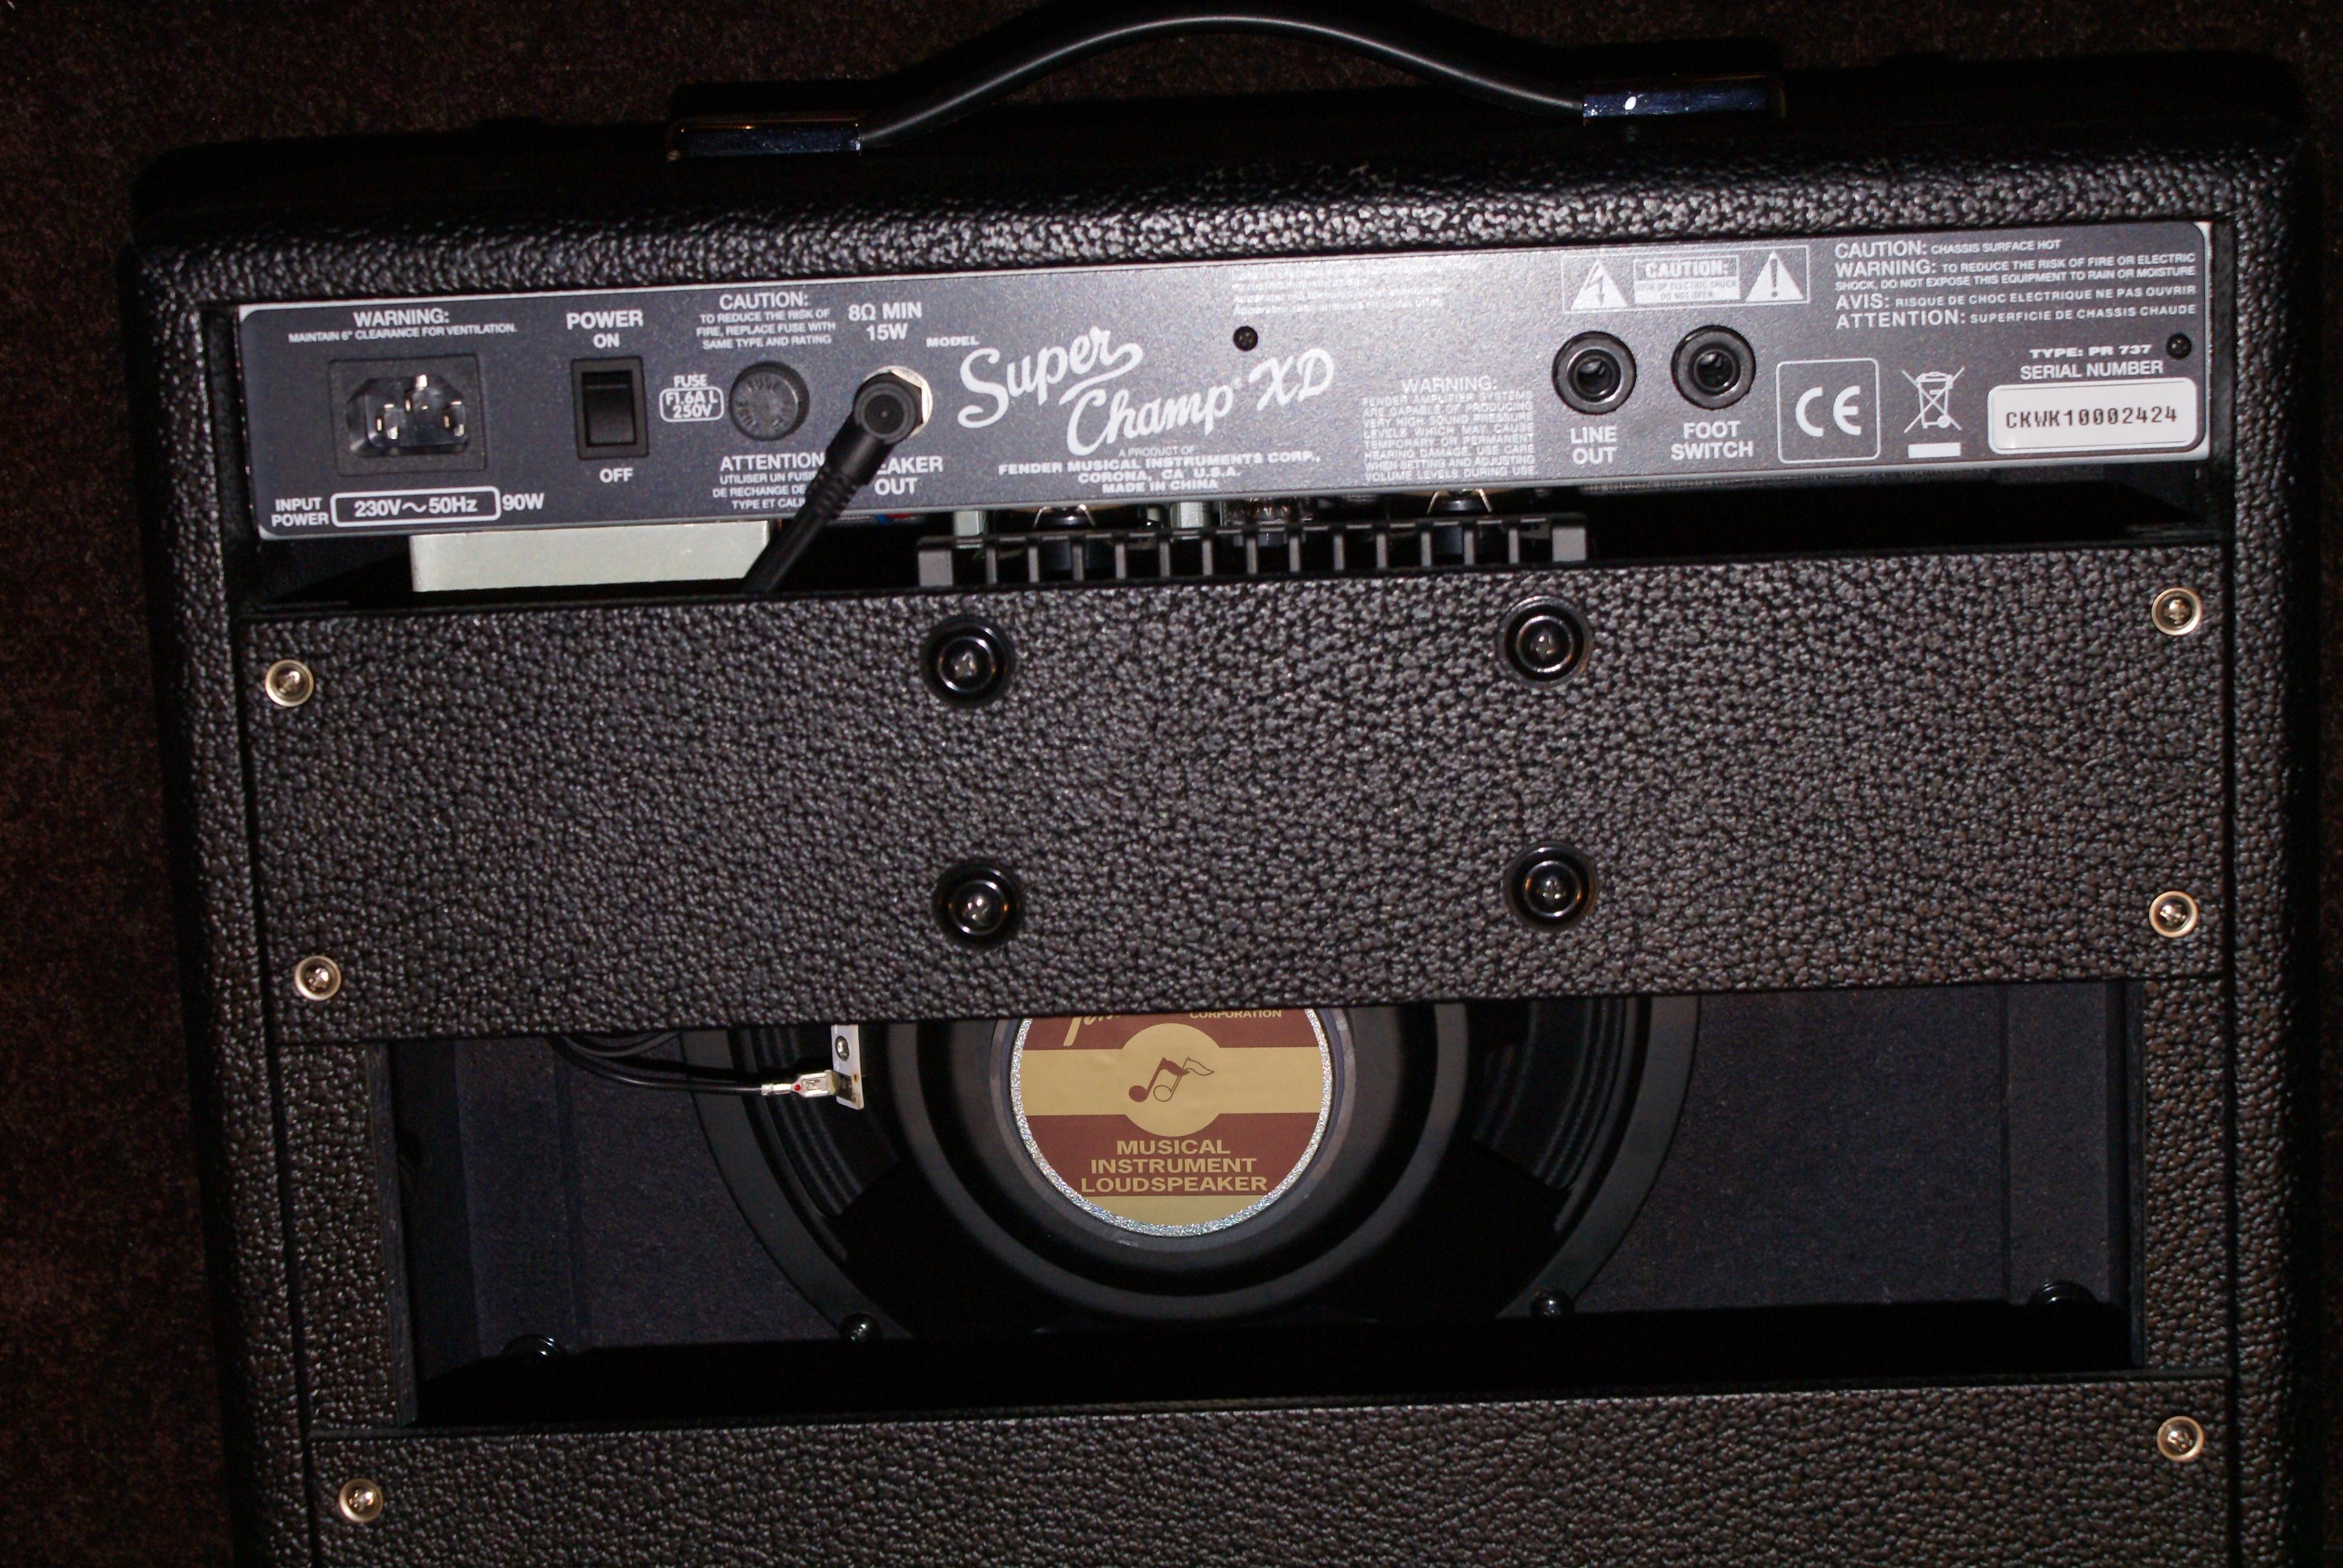 fender super champ xd image 653772 audiofanzine. Black Bedroom Furniture Sets. Home Design Ideas